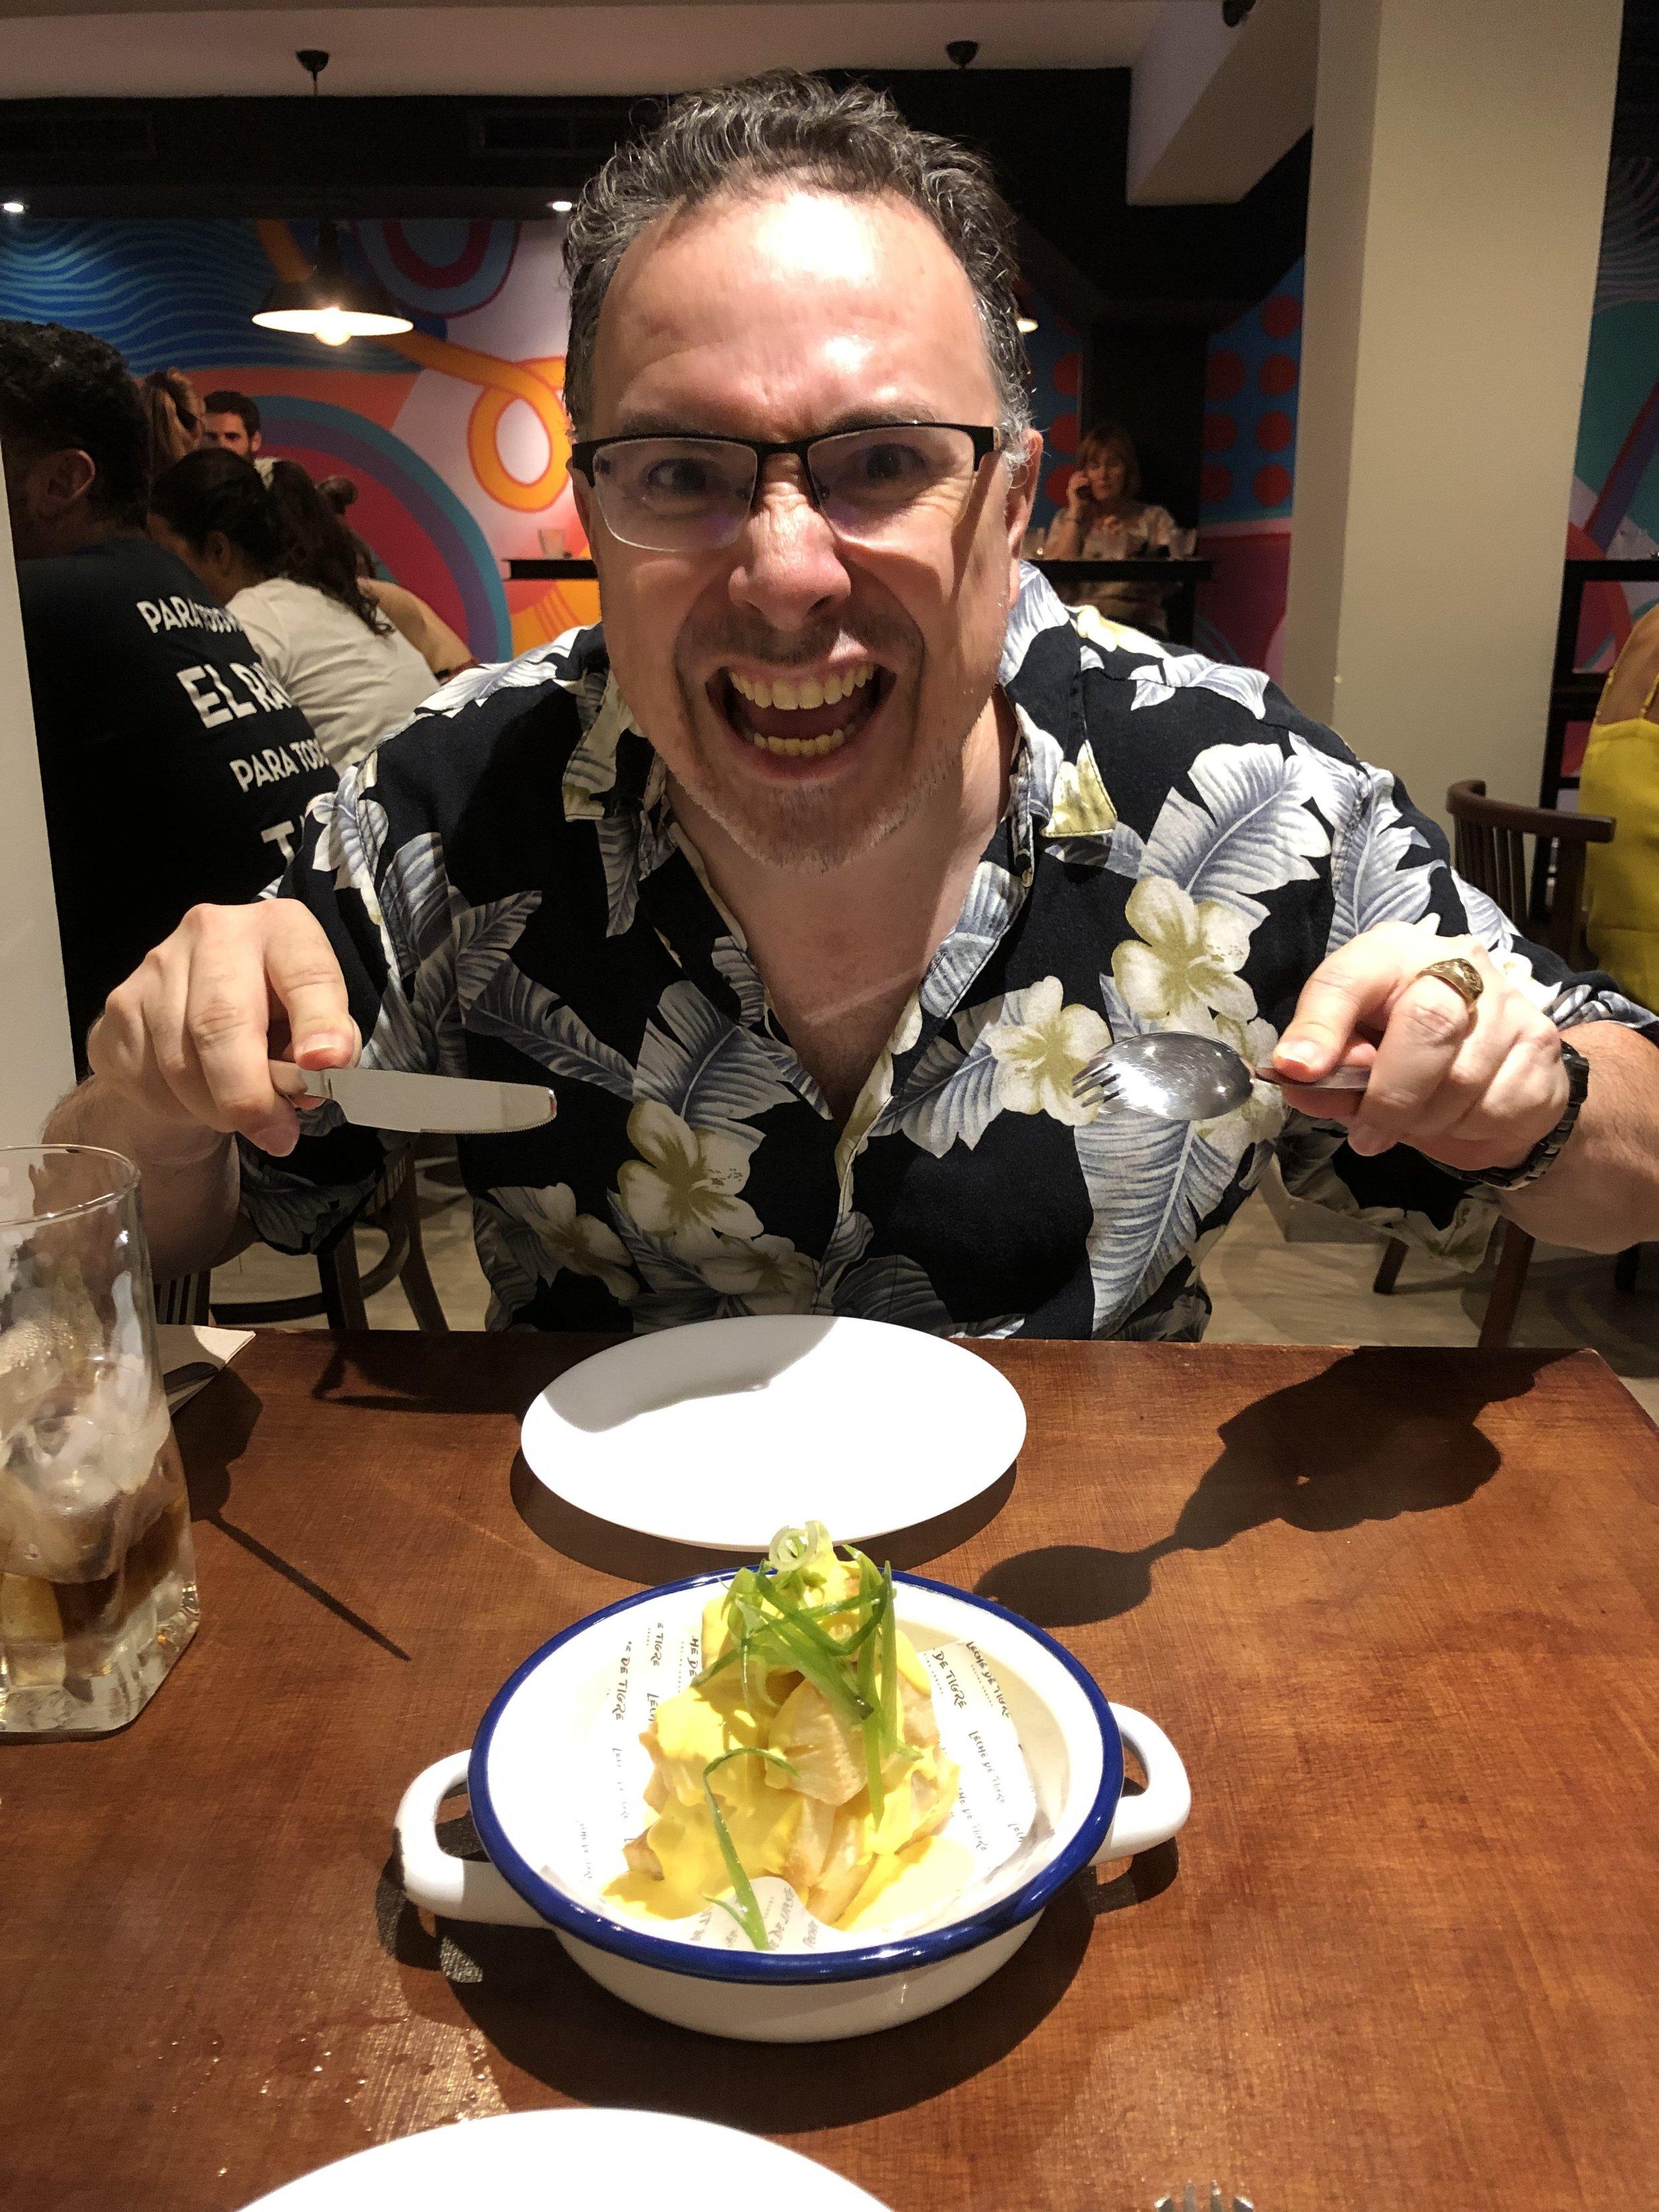 ¡Victor no pudó esperar a probar la comida de Leche de Tigre! ¡Su humor, sonrisa y actitud positiva son contagiosos!